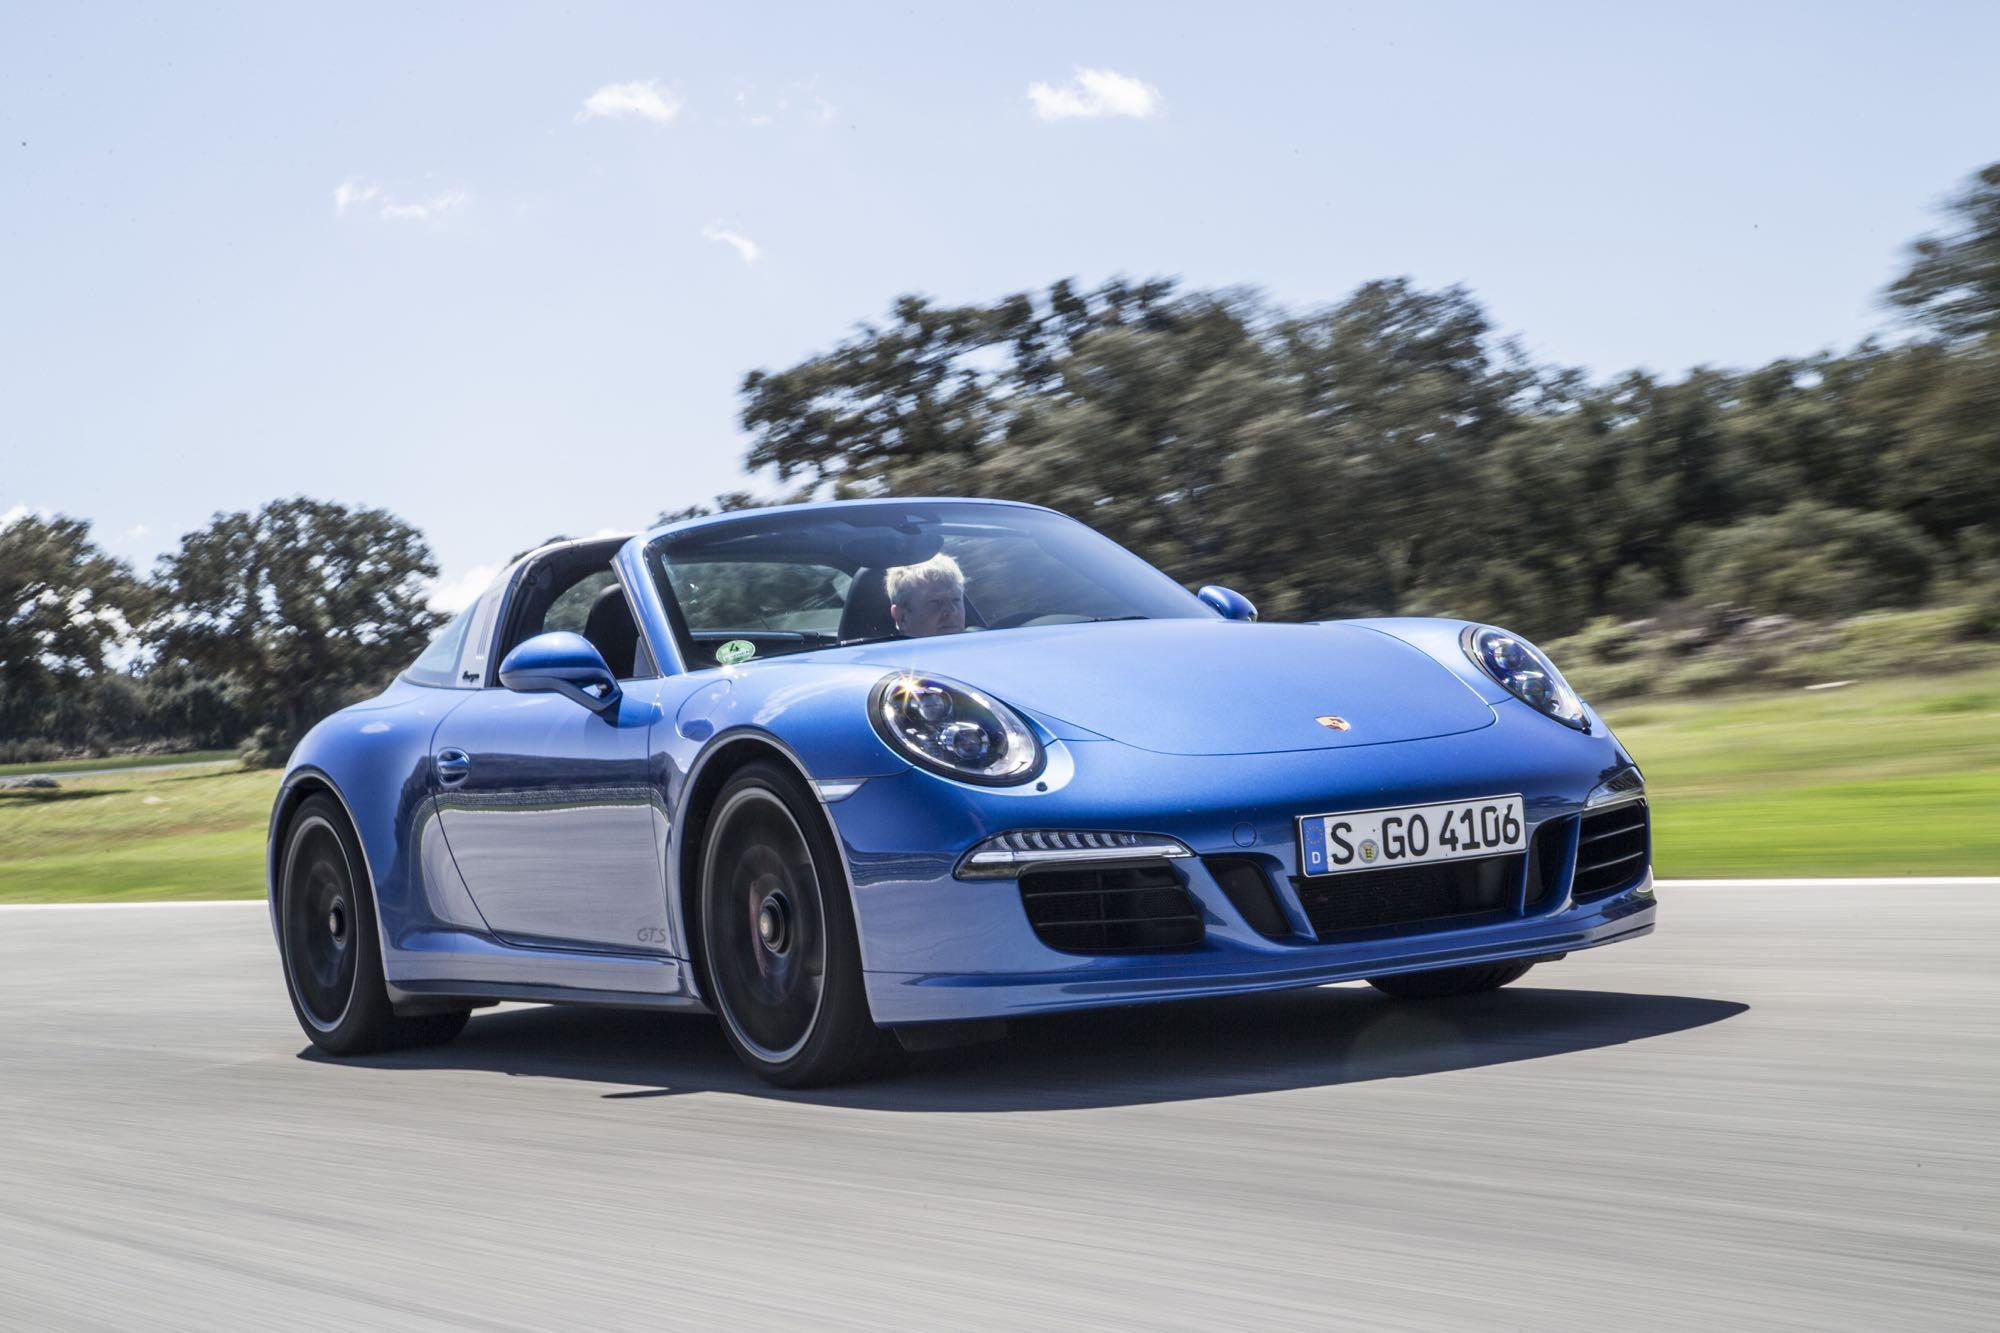 2015 Porsche 911 Targa 4 GTS Review - photos | CarAdvice